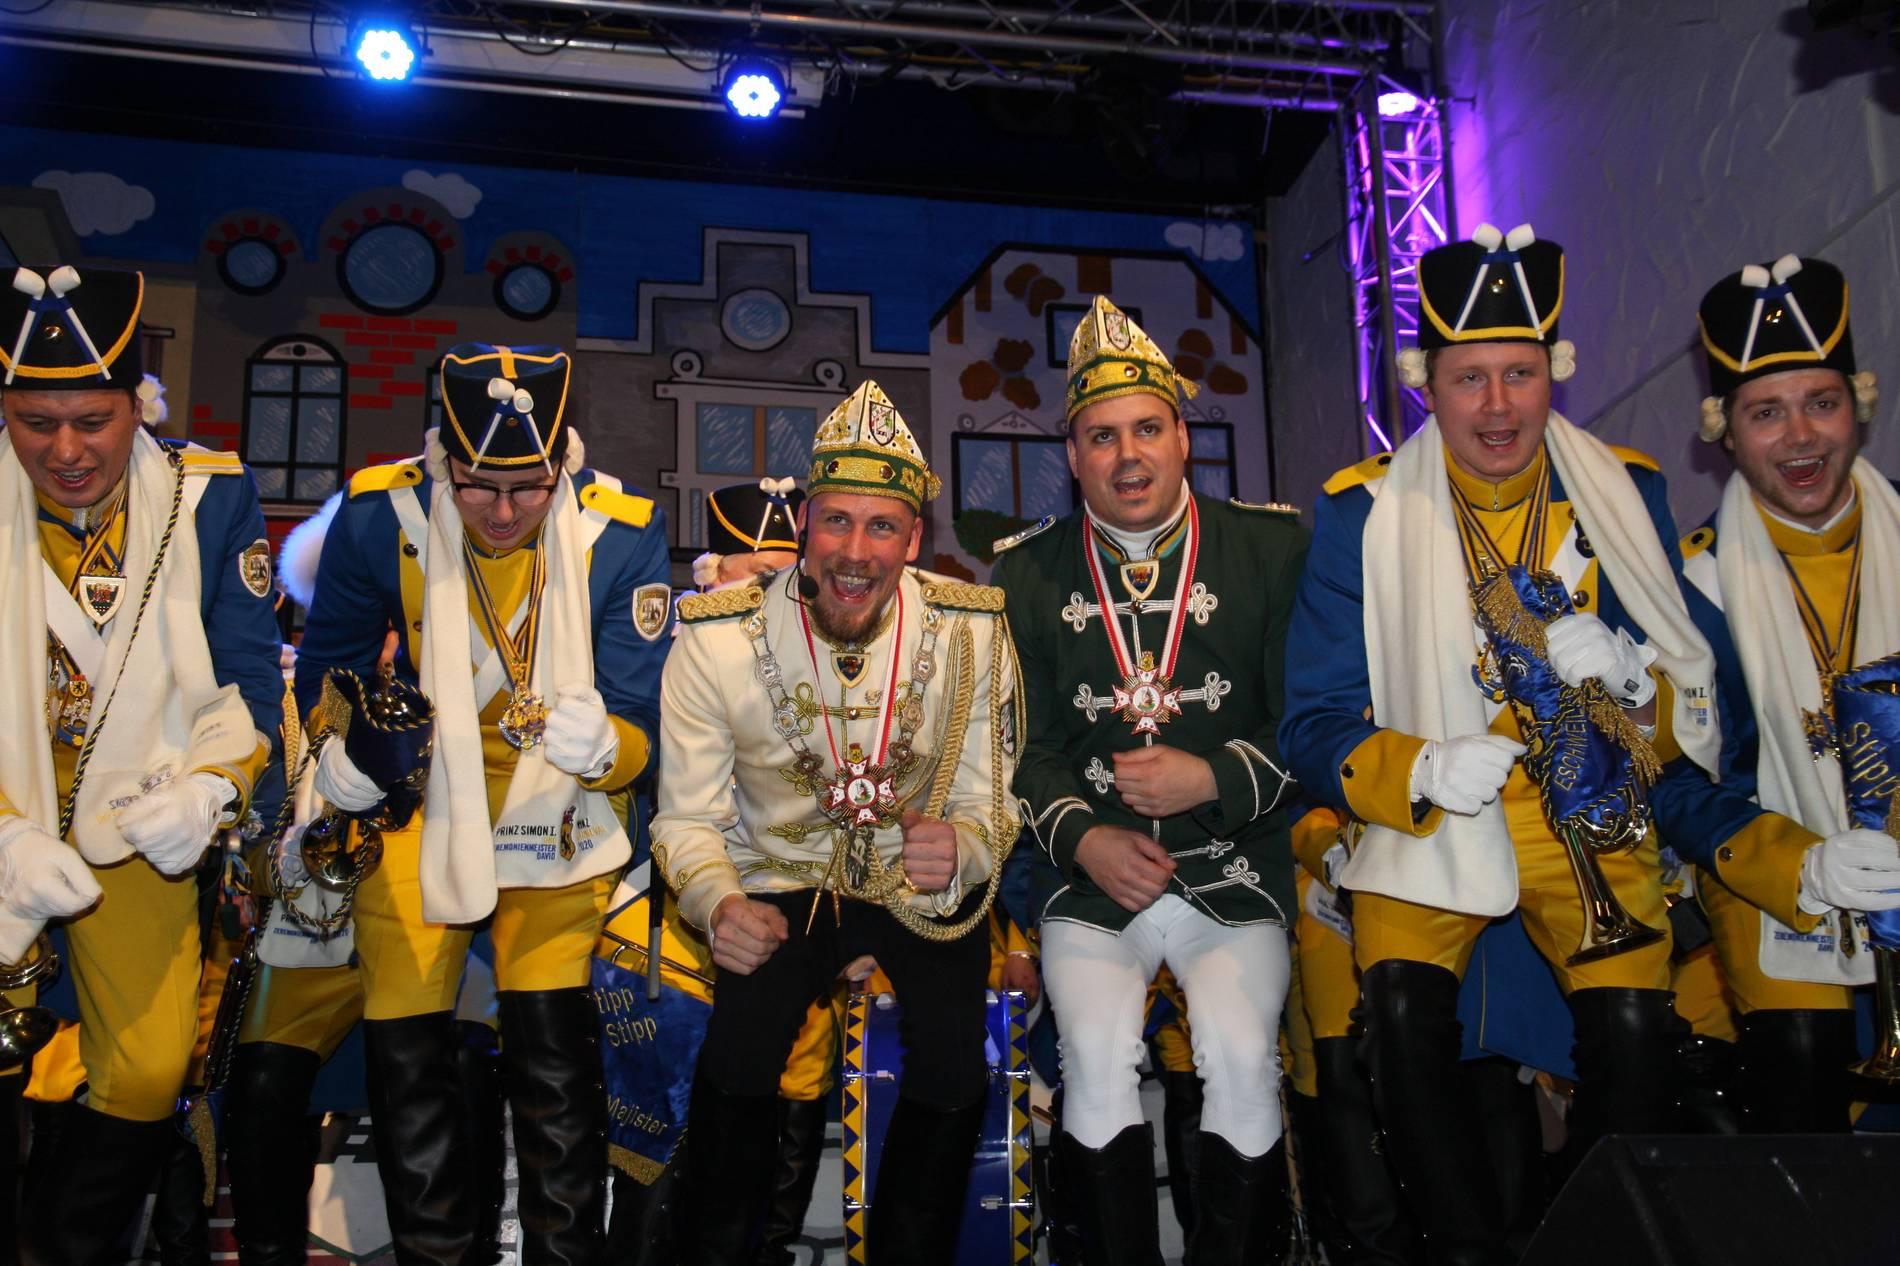 Eschweiler Karneval